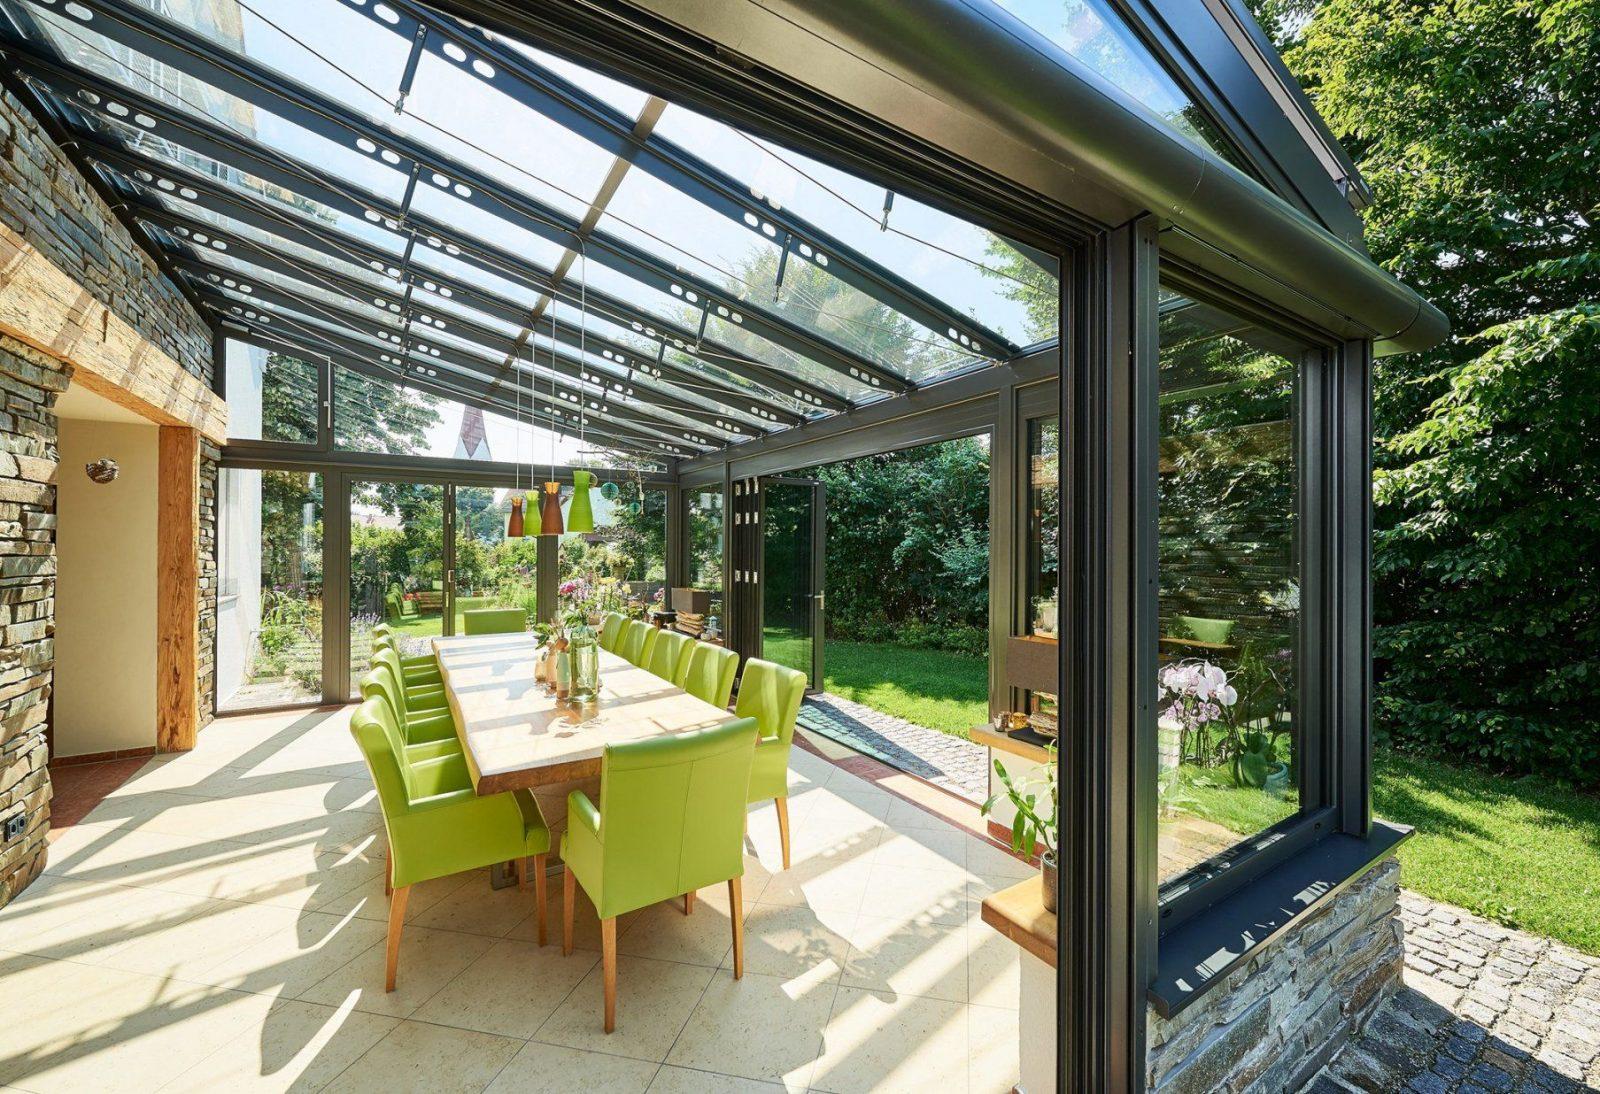 Anbau Balkon Holz Mehrfamilienhaus Bausatz Steuer Nachtraglicher Von